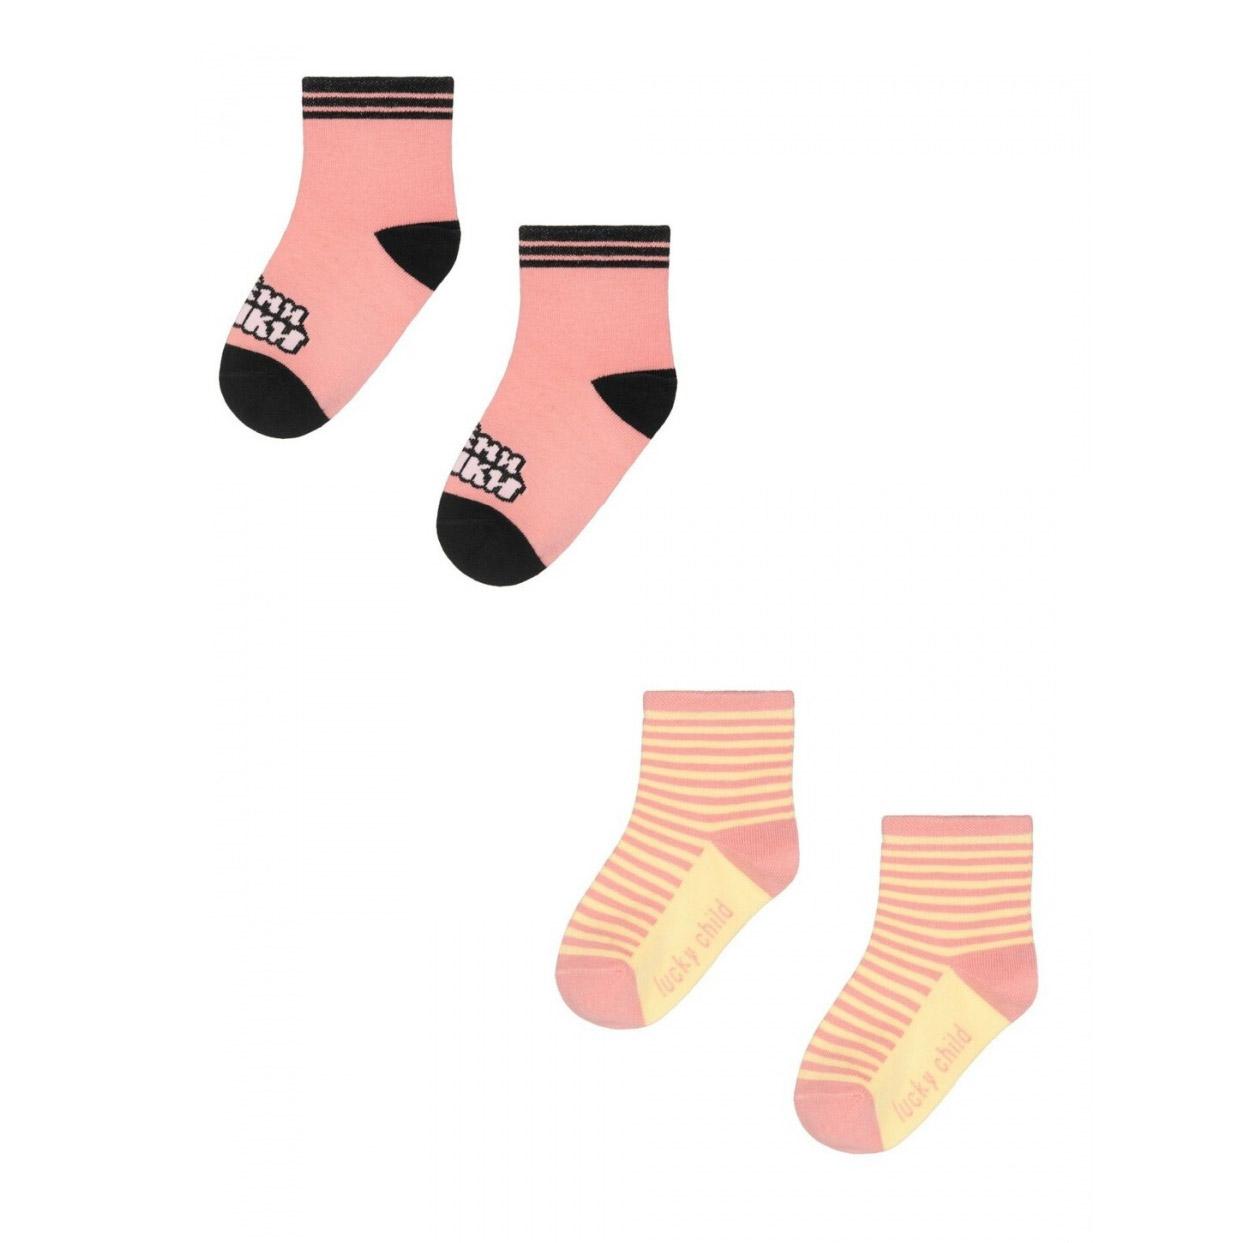 Купить Комплект носков Lucky Child МИ-МИ-МИШКИ розовый 2 шт 1214, Розовый, Кашкорсе, Для девочек, Всесезонный,